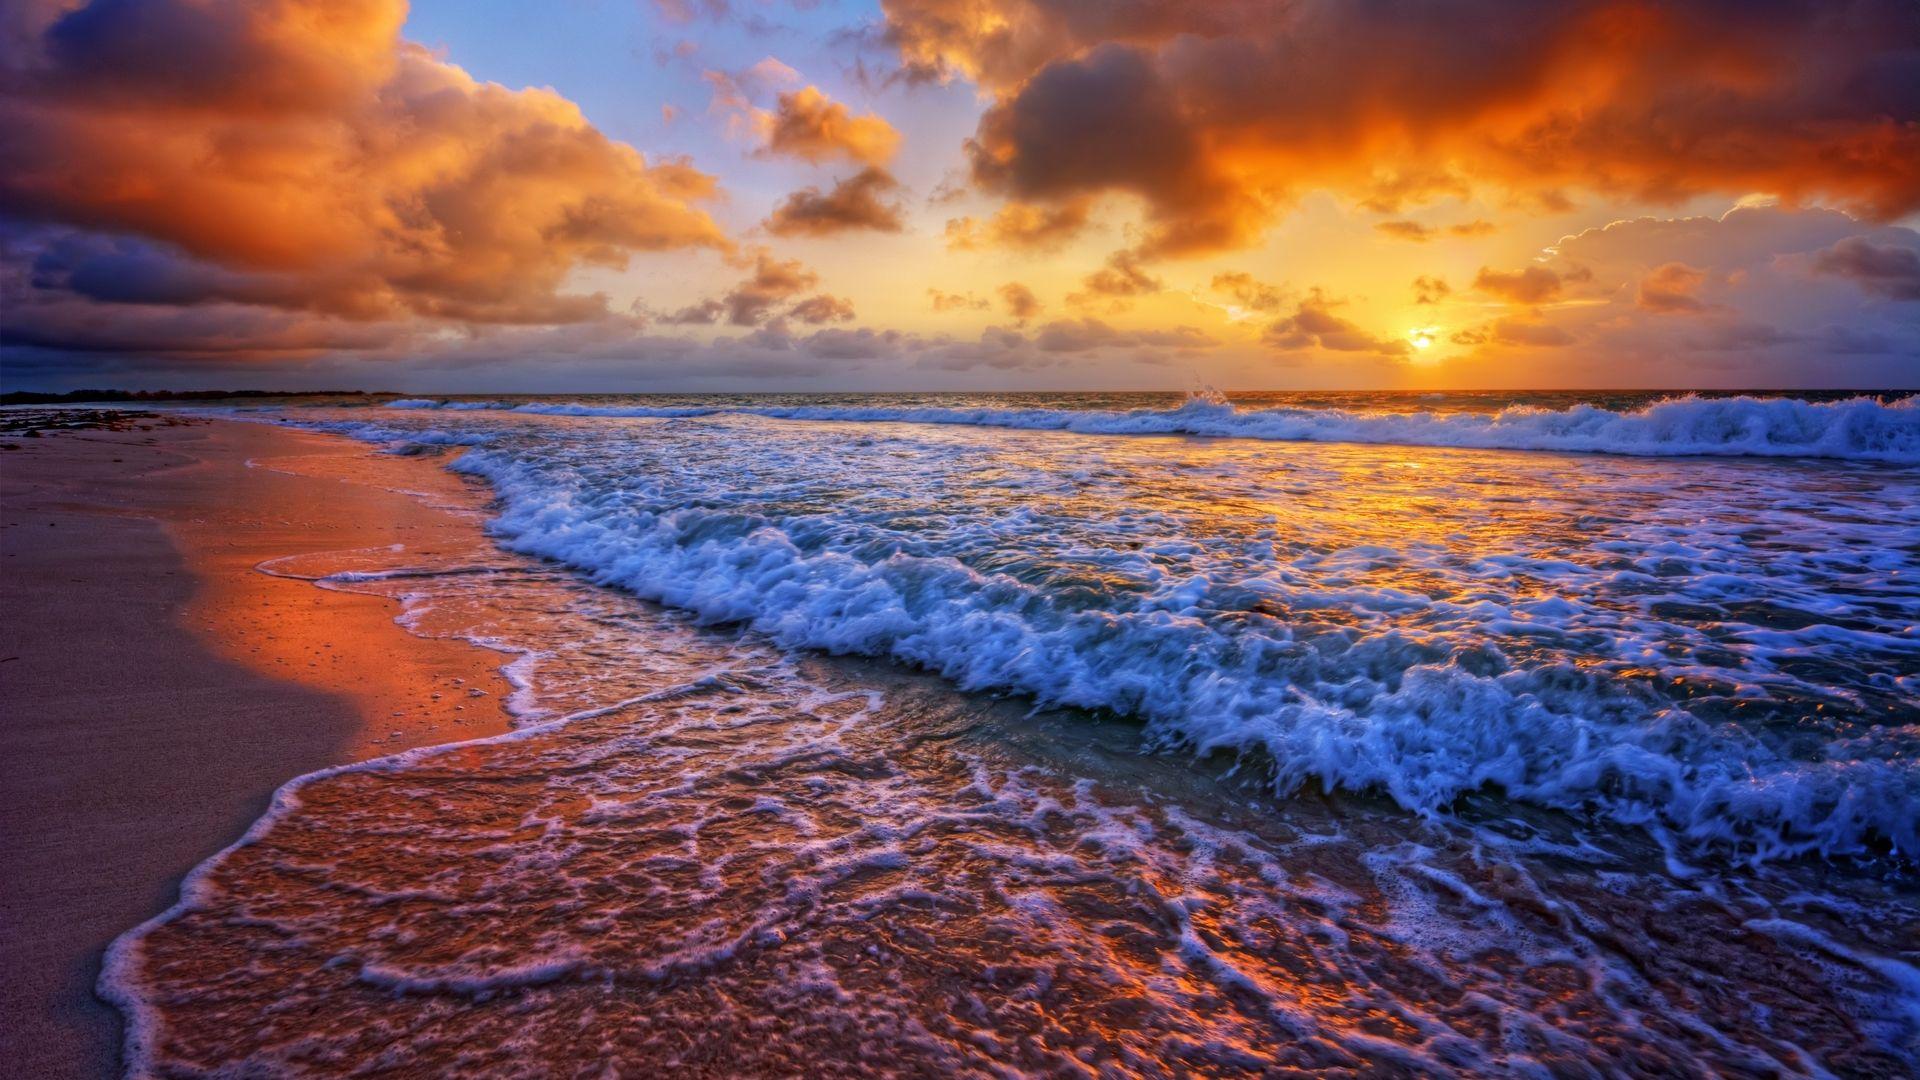 Ocean Sunset High Definition